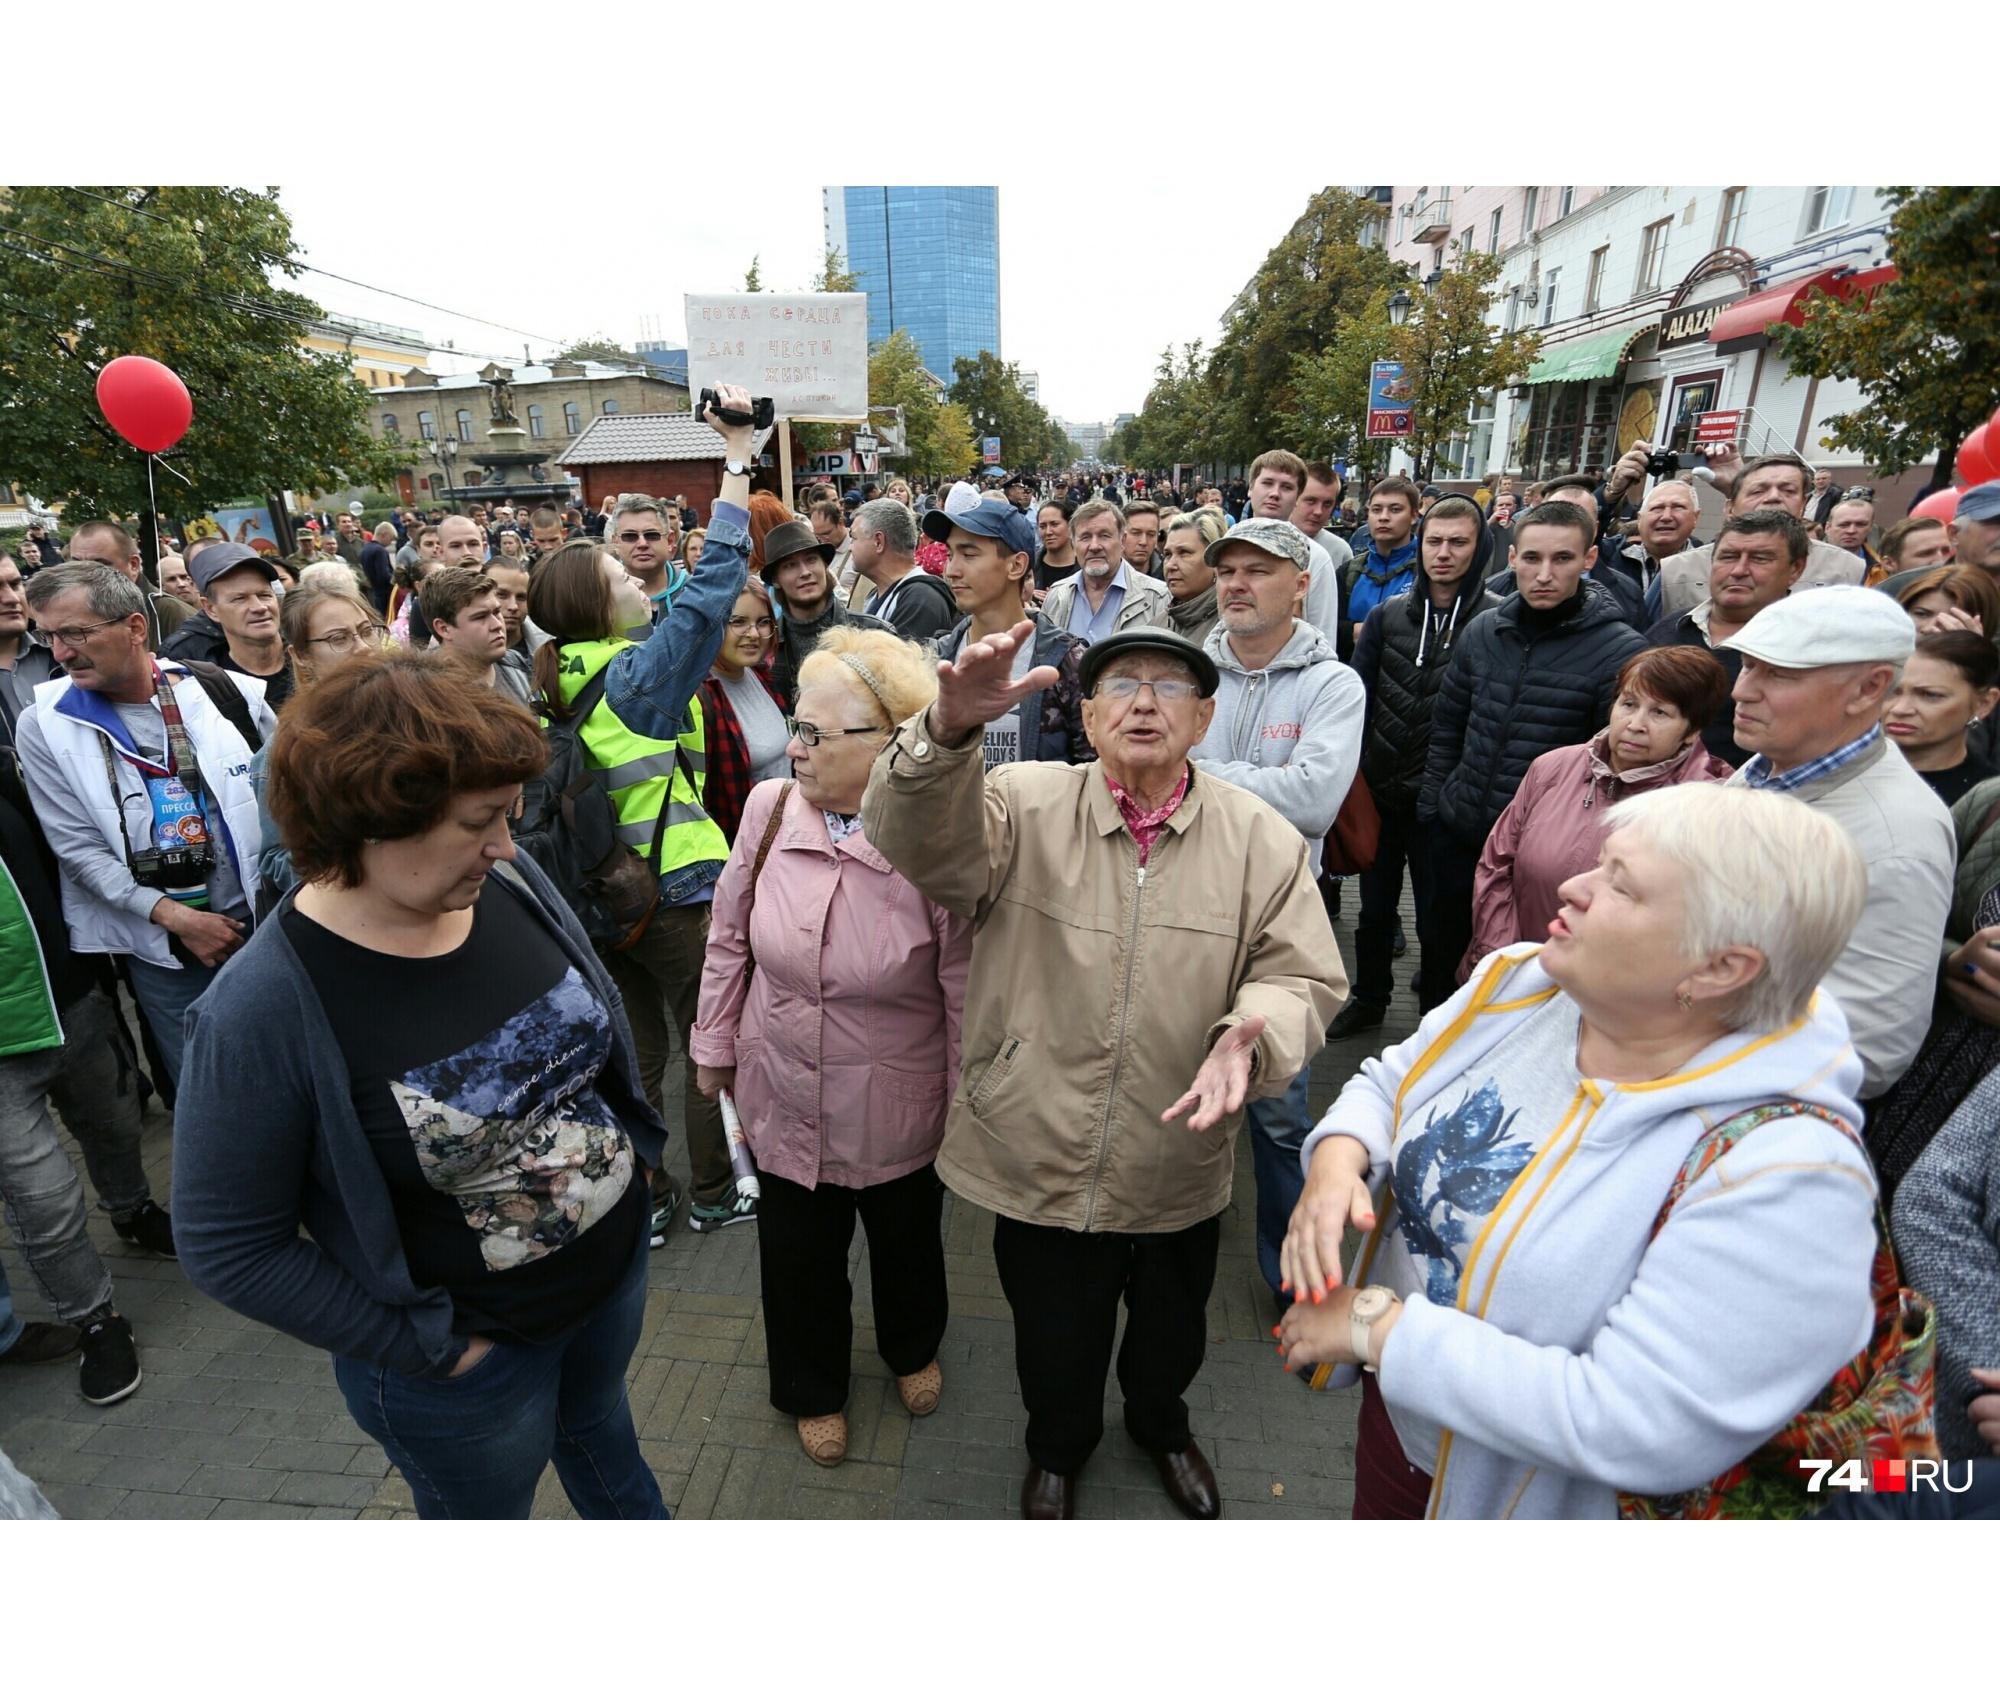 Участники акции — люди разного возраста